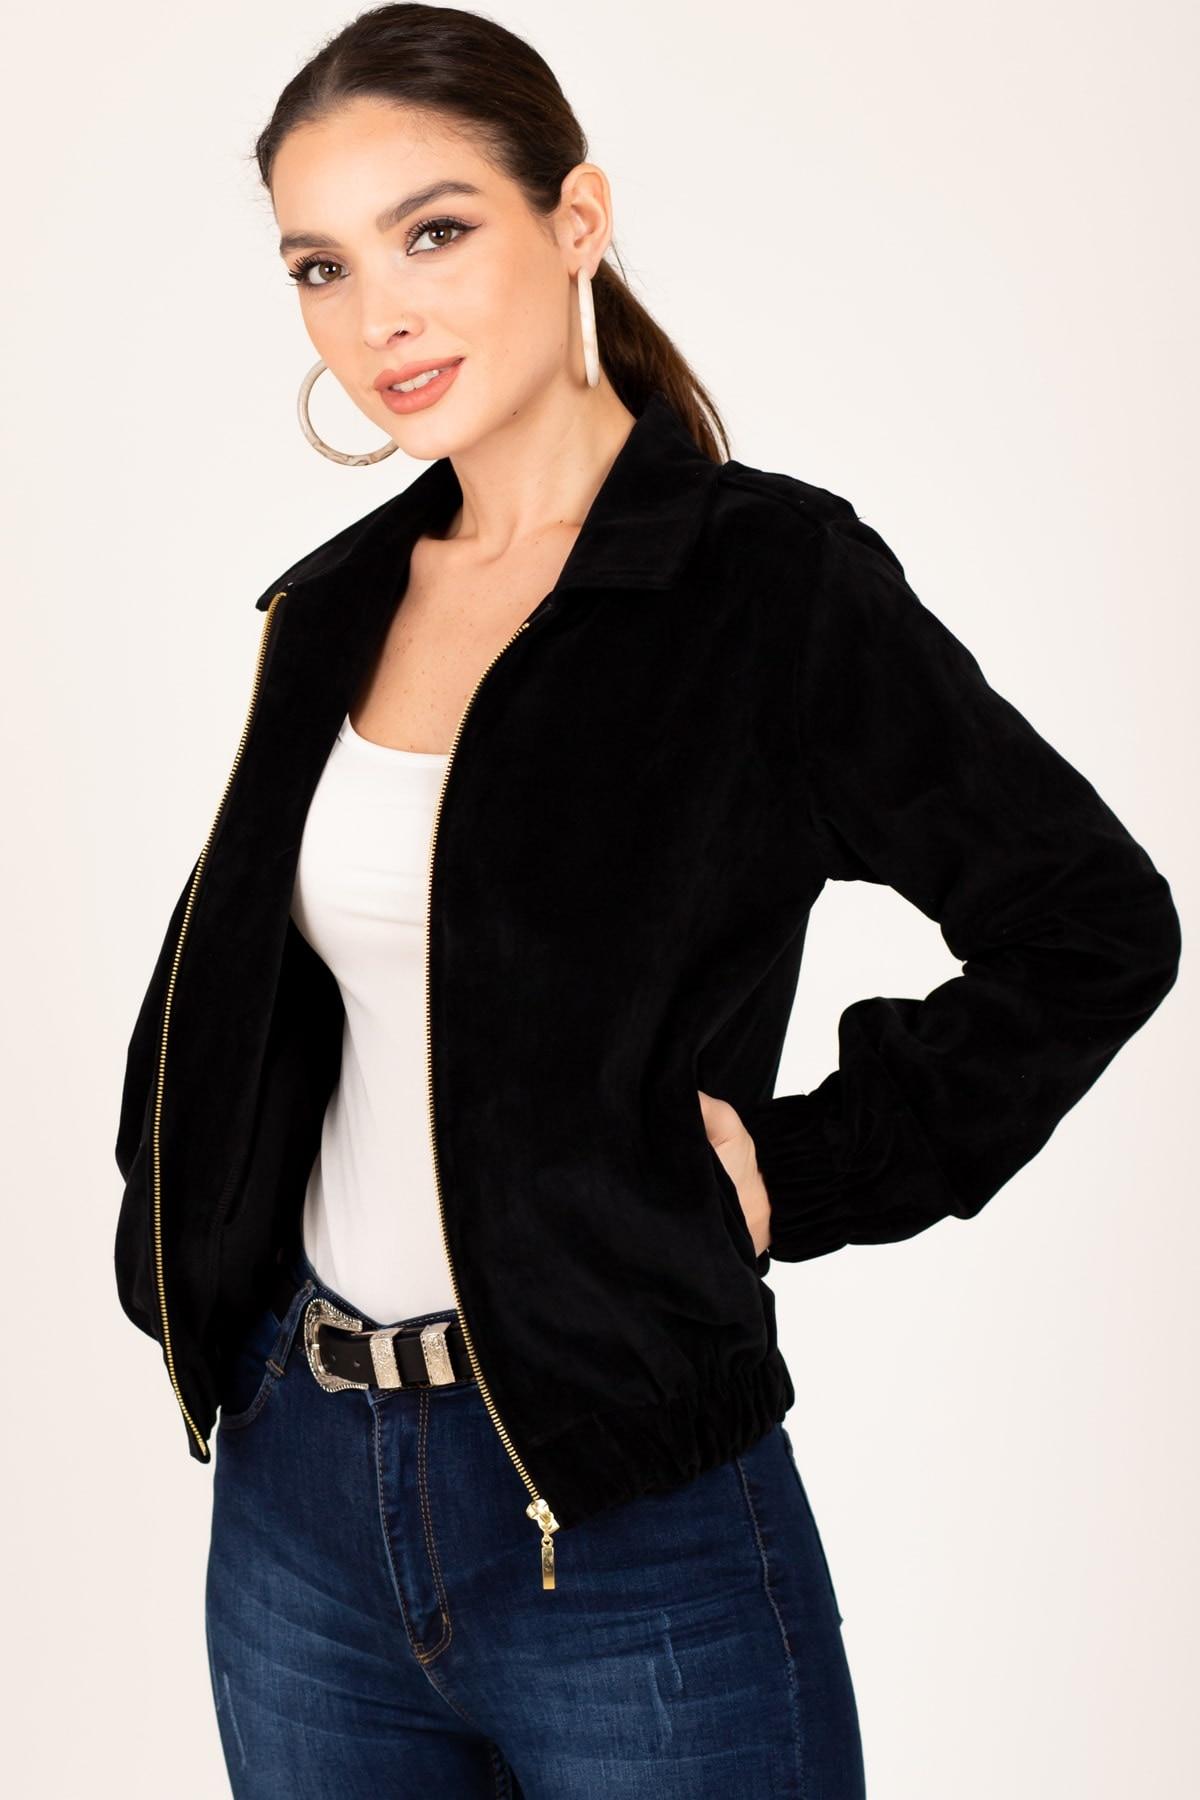 Куртка женская, женская Куртка, женская зимняя Куртка, женская черная облегающая Куртка на молнии спереди с ручками, женская Куртка